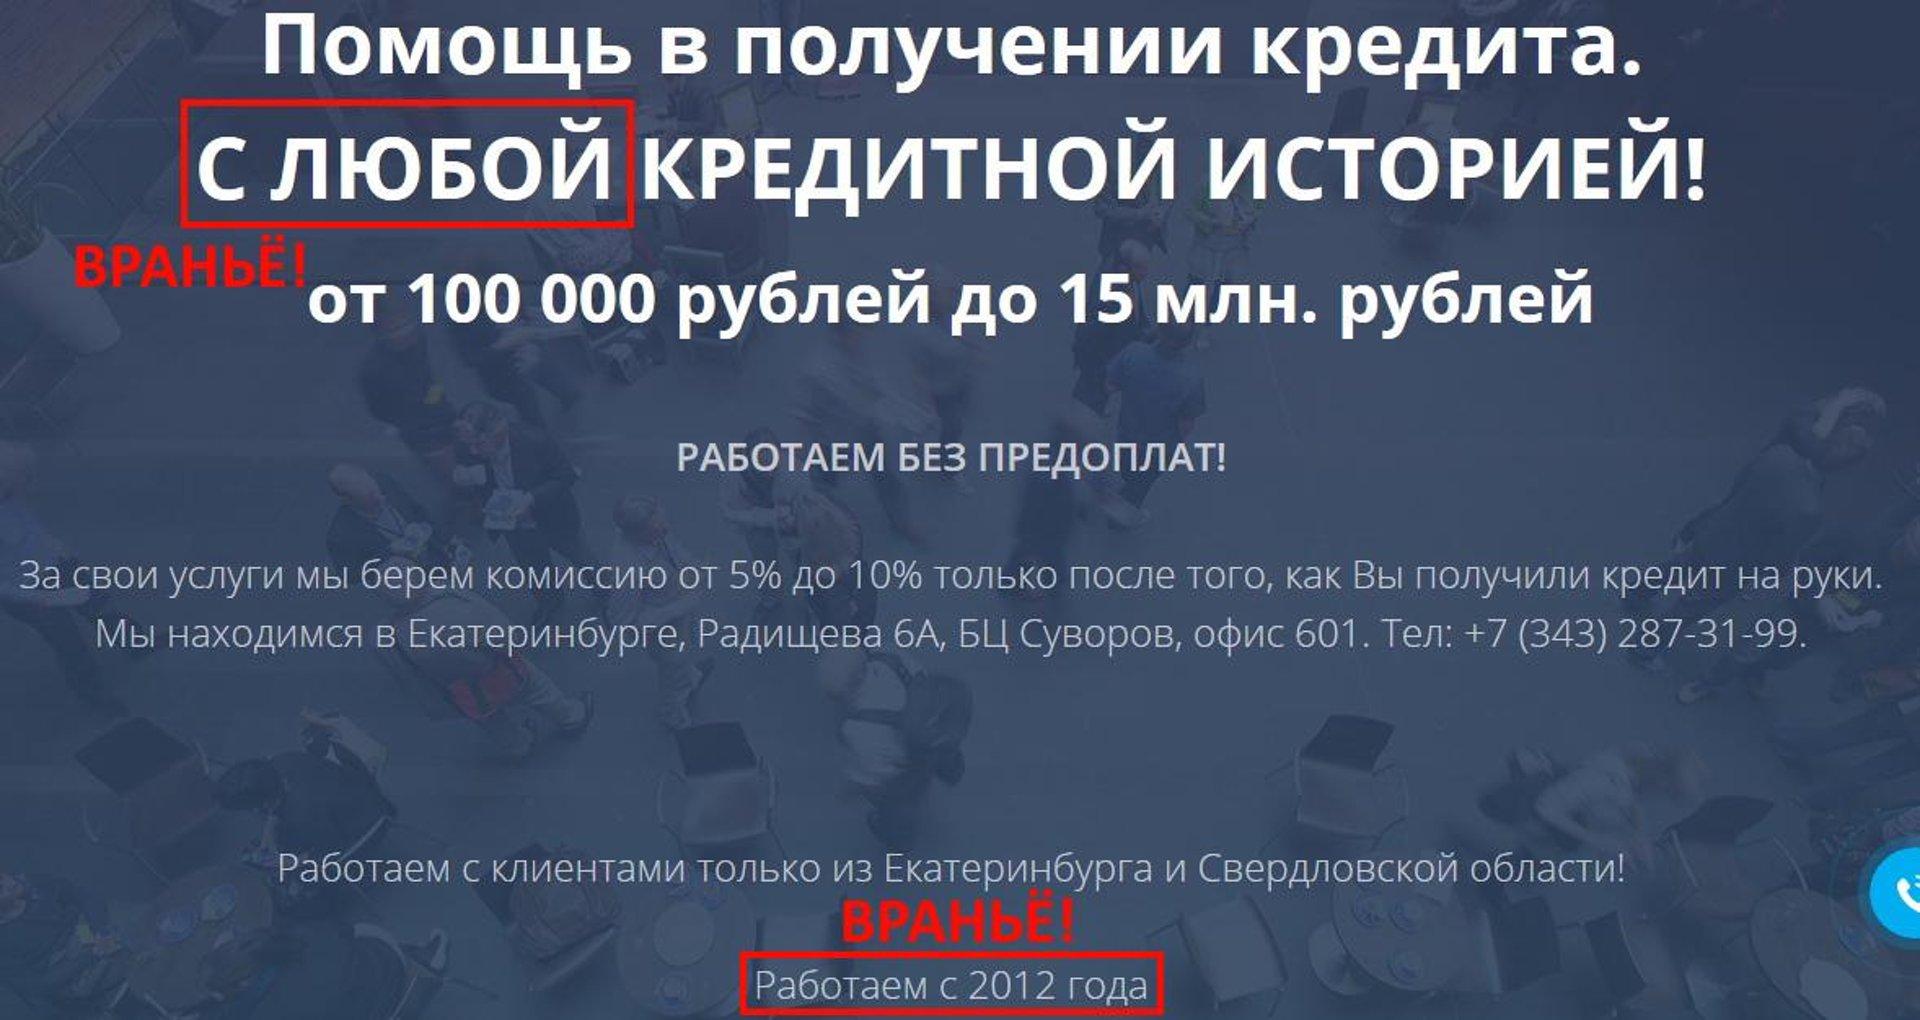 кредит на карту в новосибирске от частника